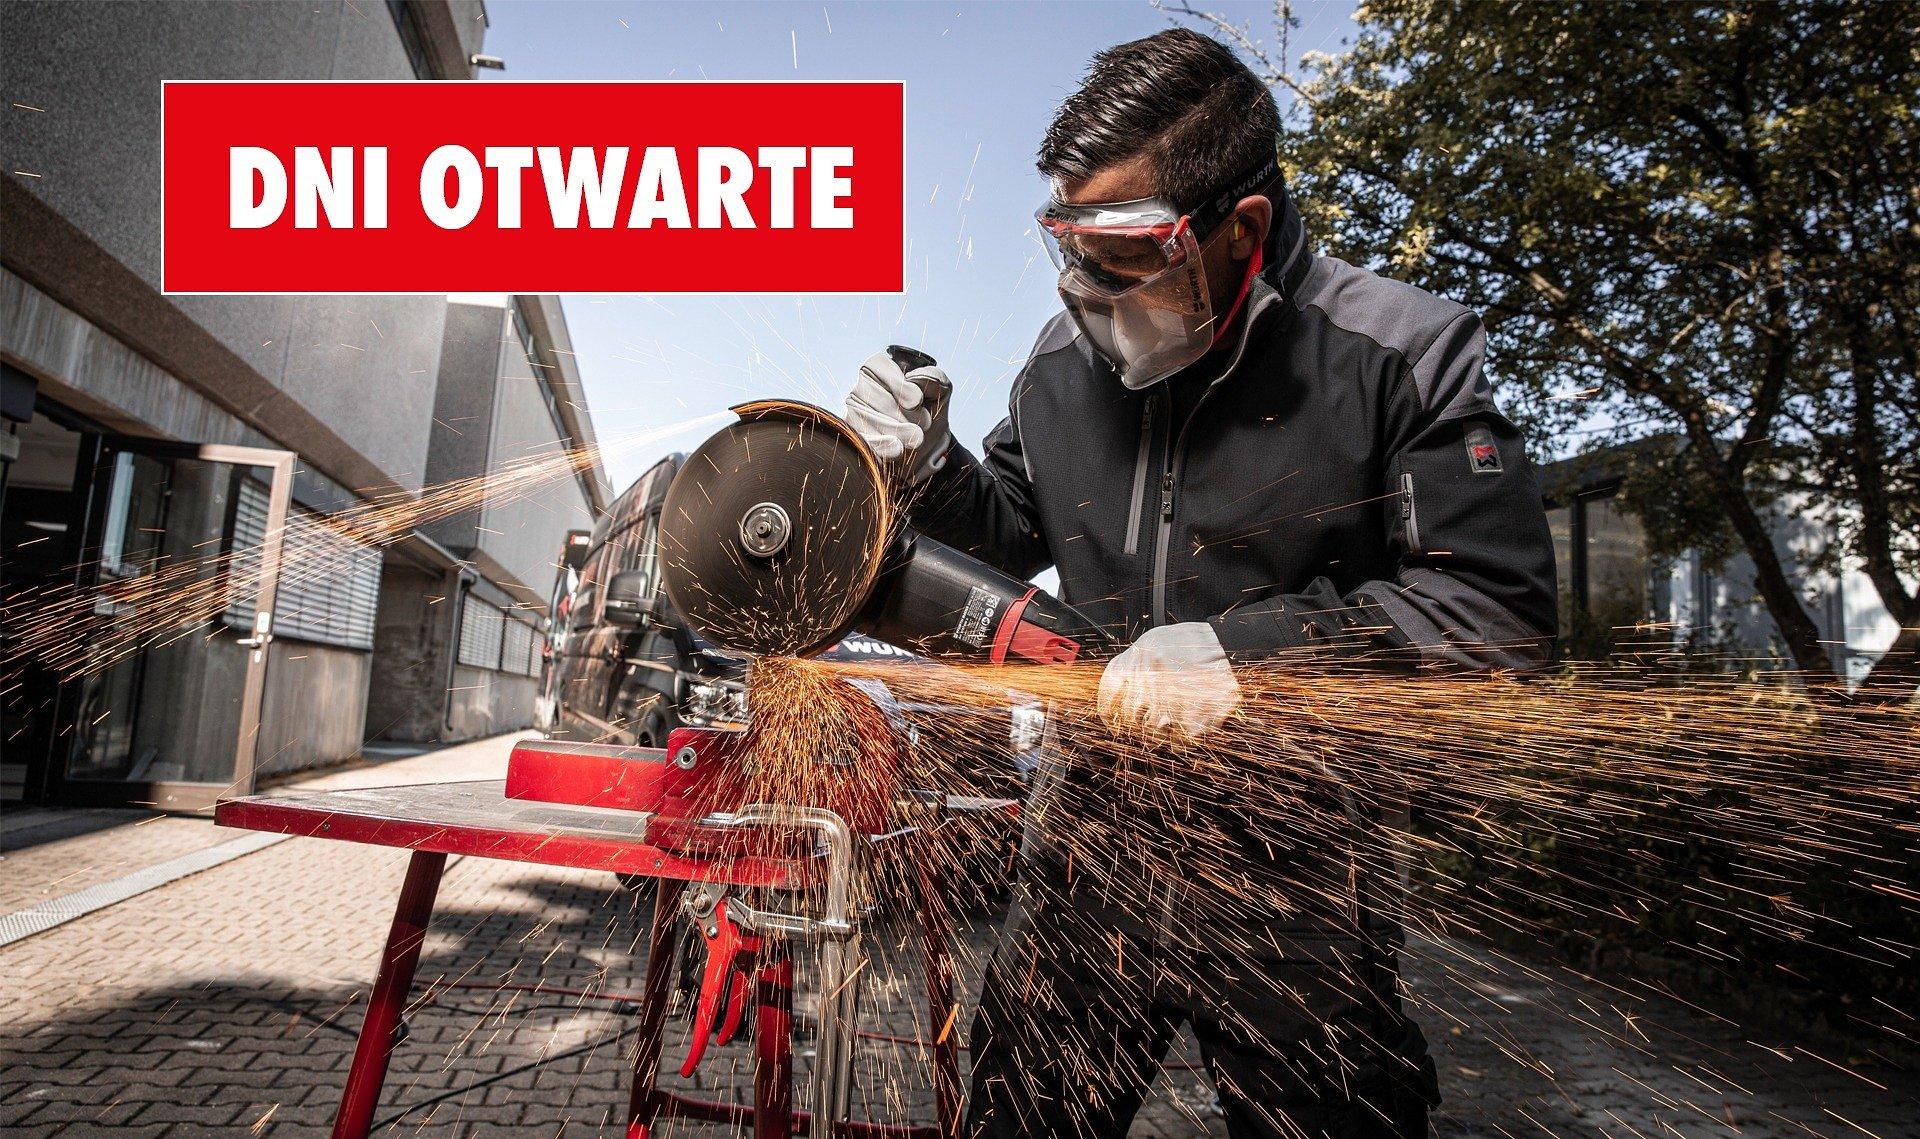 Würth Polska zaprasza na dni otwarte!